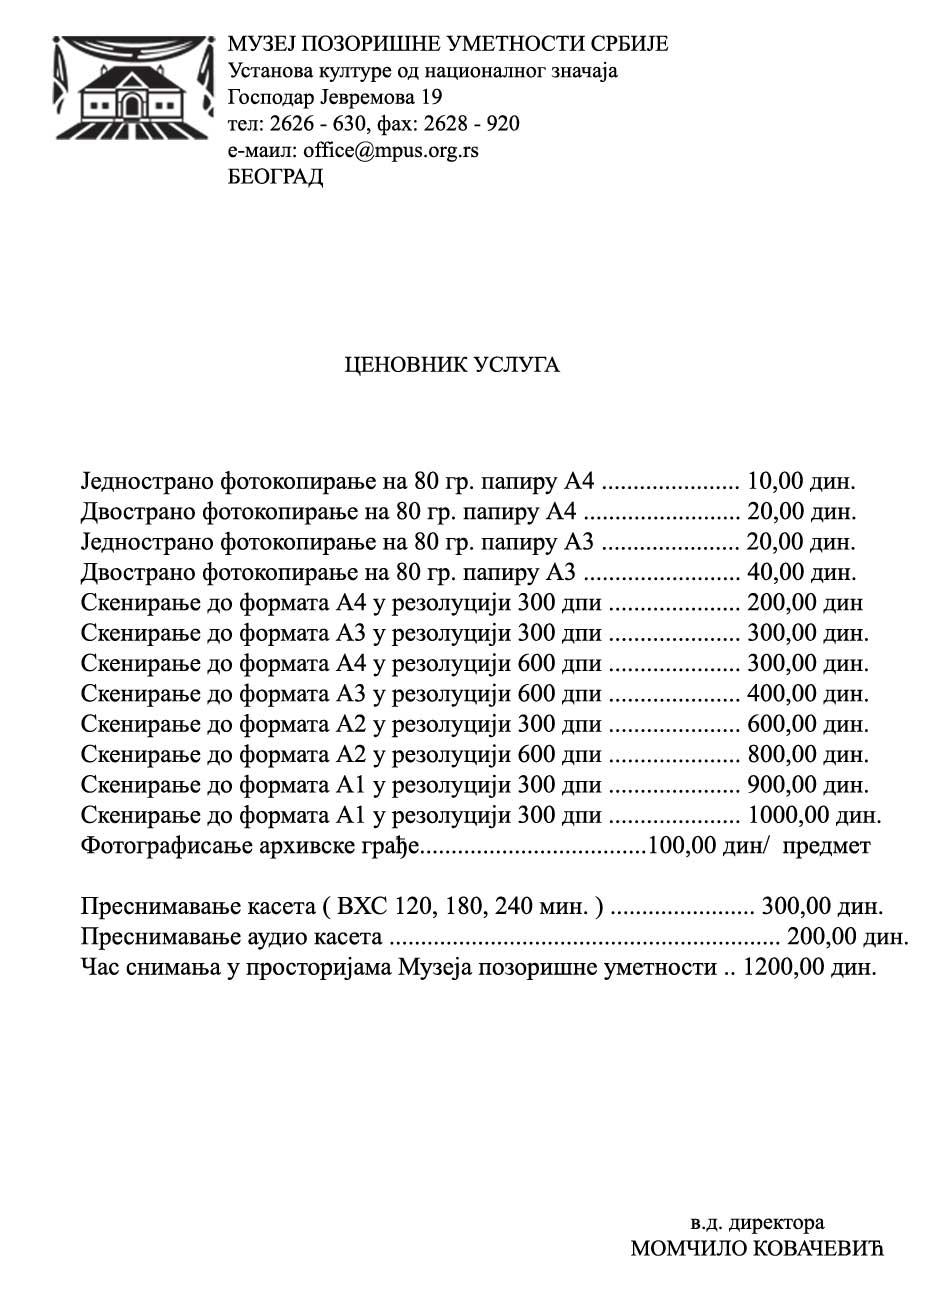 Cenovnik-usluga